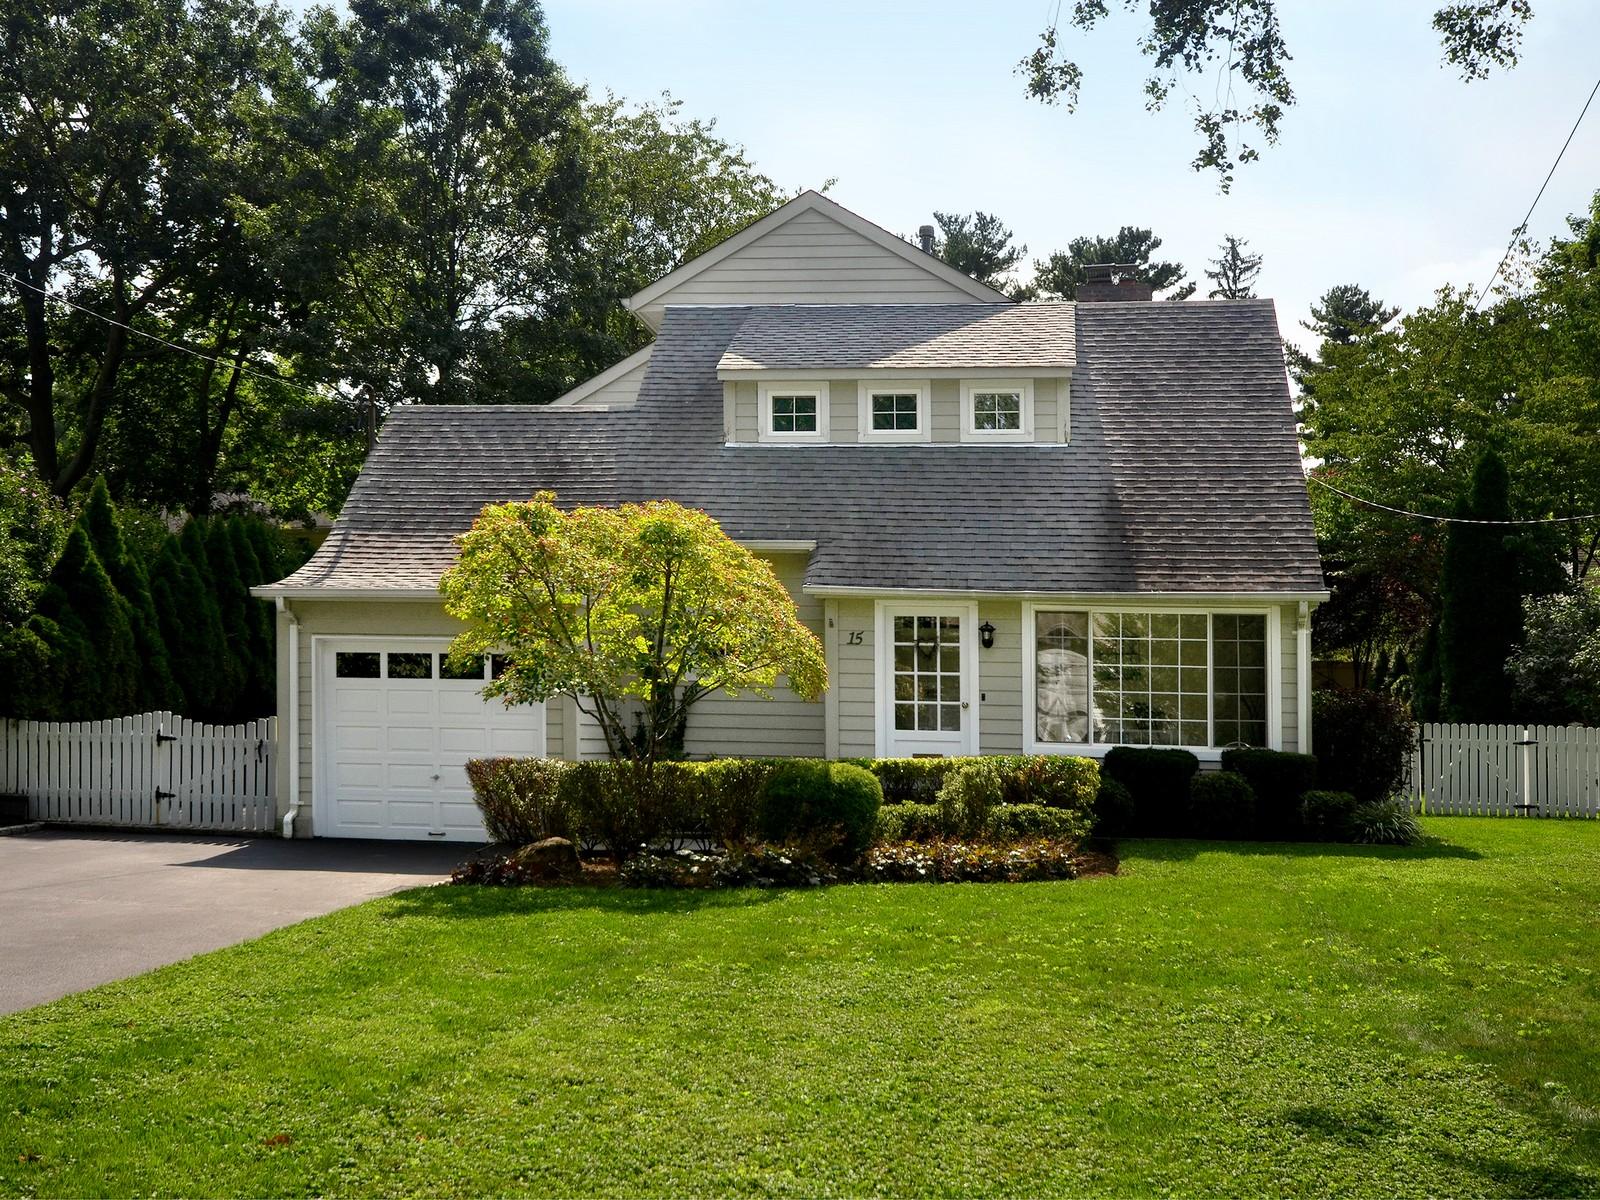 Einfamilienhaus für Verkauf beim Colonial 15 Bayside Ave Port Washington, New York, 11050 Vereinigte Staaten